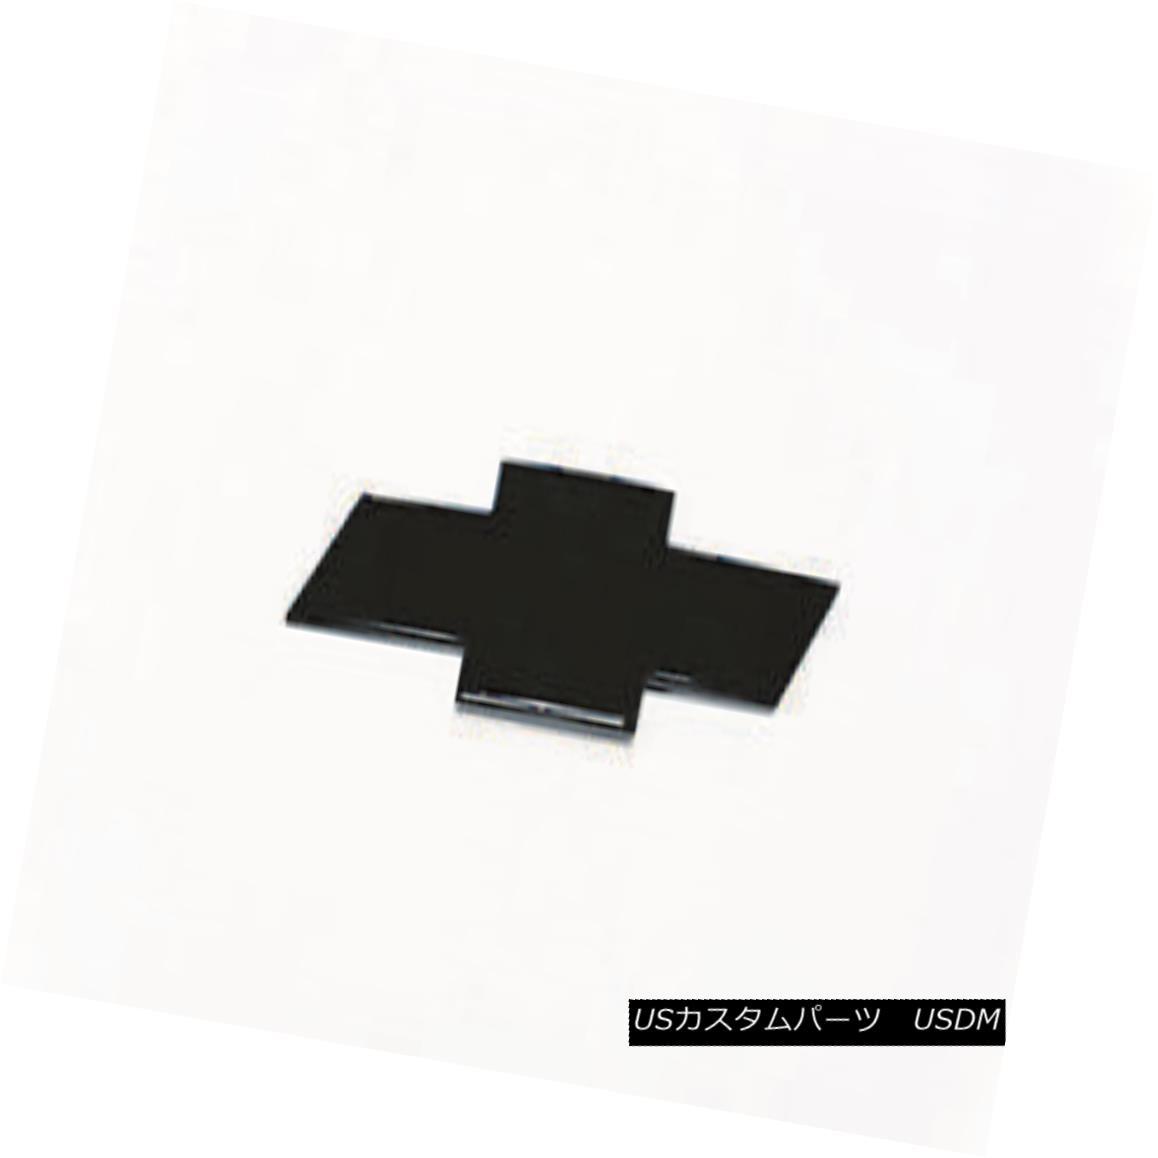 グリル PUTCO 99997GMB - Emblem Kit Fits 15-17 Chevy Suburban - Black Powdercoat PUTCO 99997GMB - エンブレムキットは15-17シボレー郊外にフィット - ブラックパウダーコート